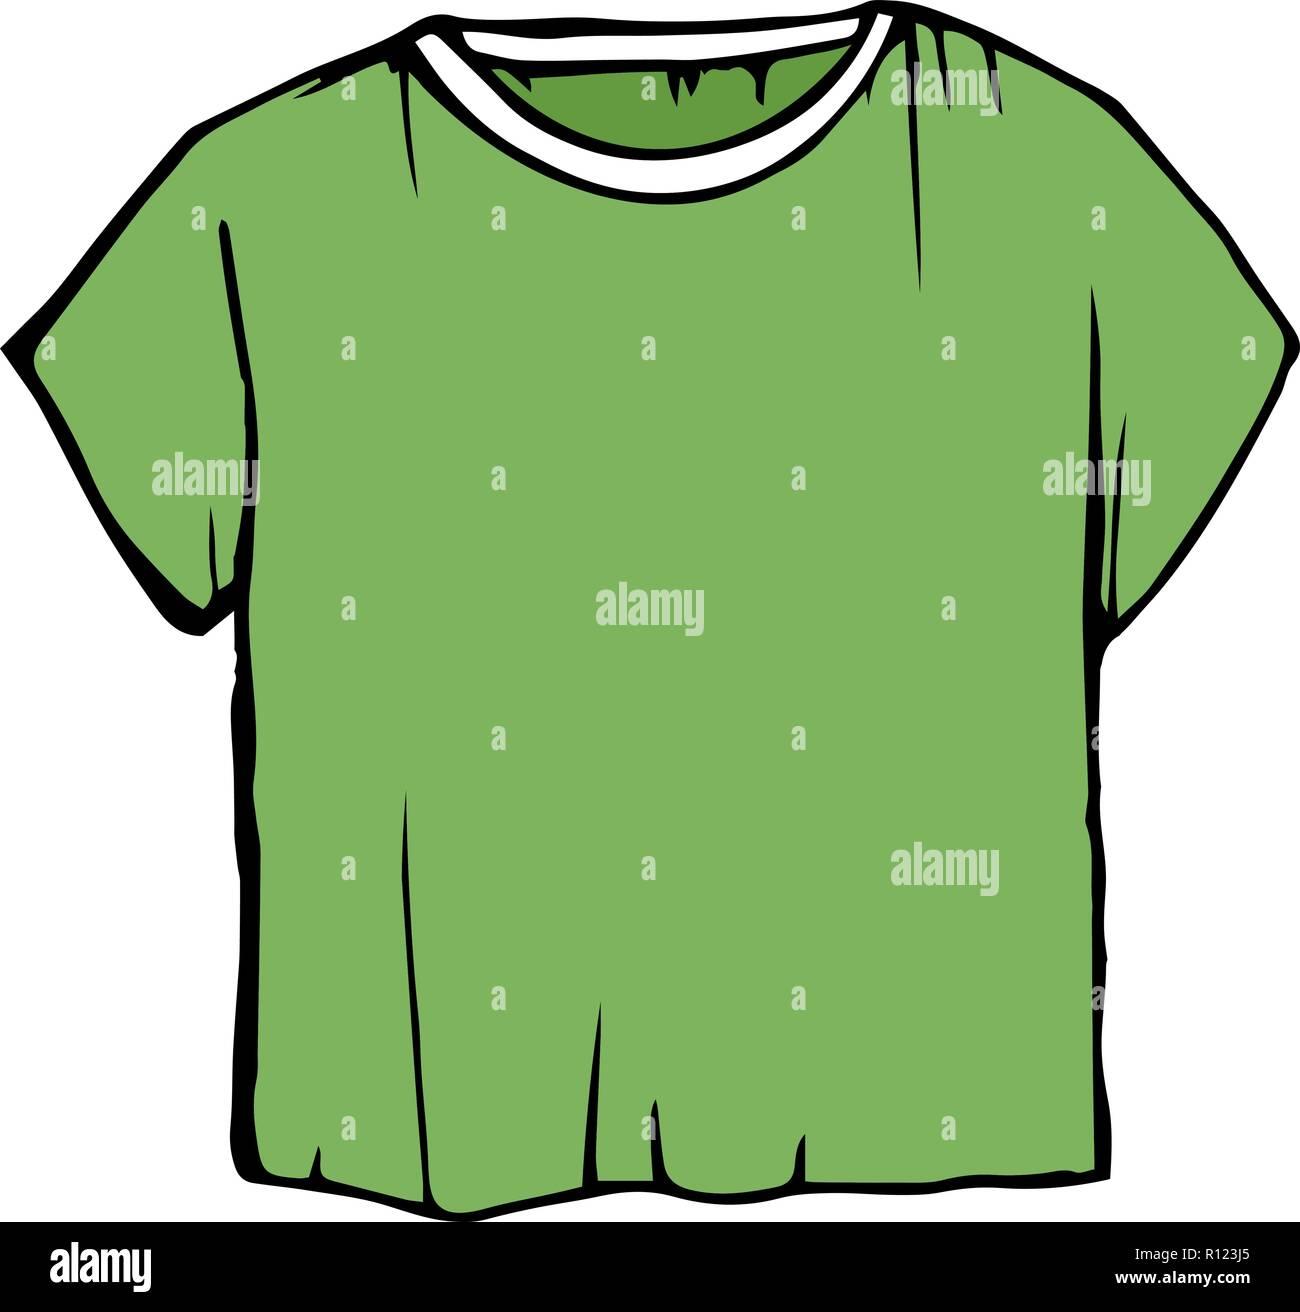 0e2a3db7c9 Boceto verde camisetas. t-shirt ilustración vectorial. los niños del  esquema de ropa